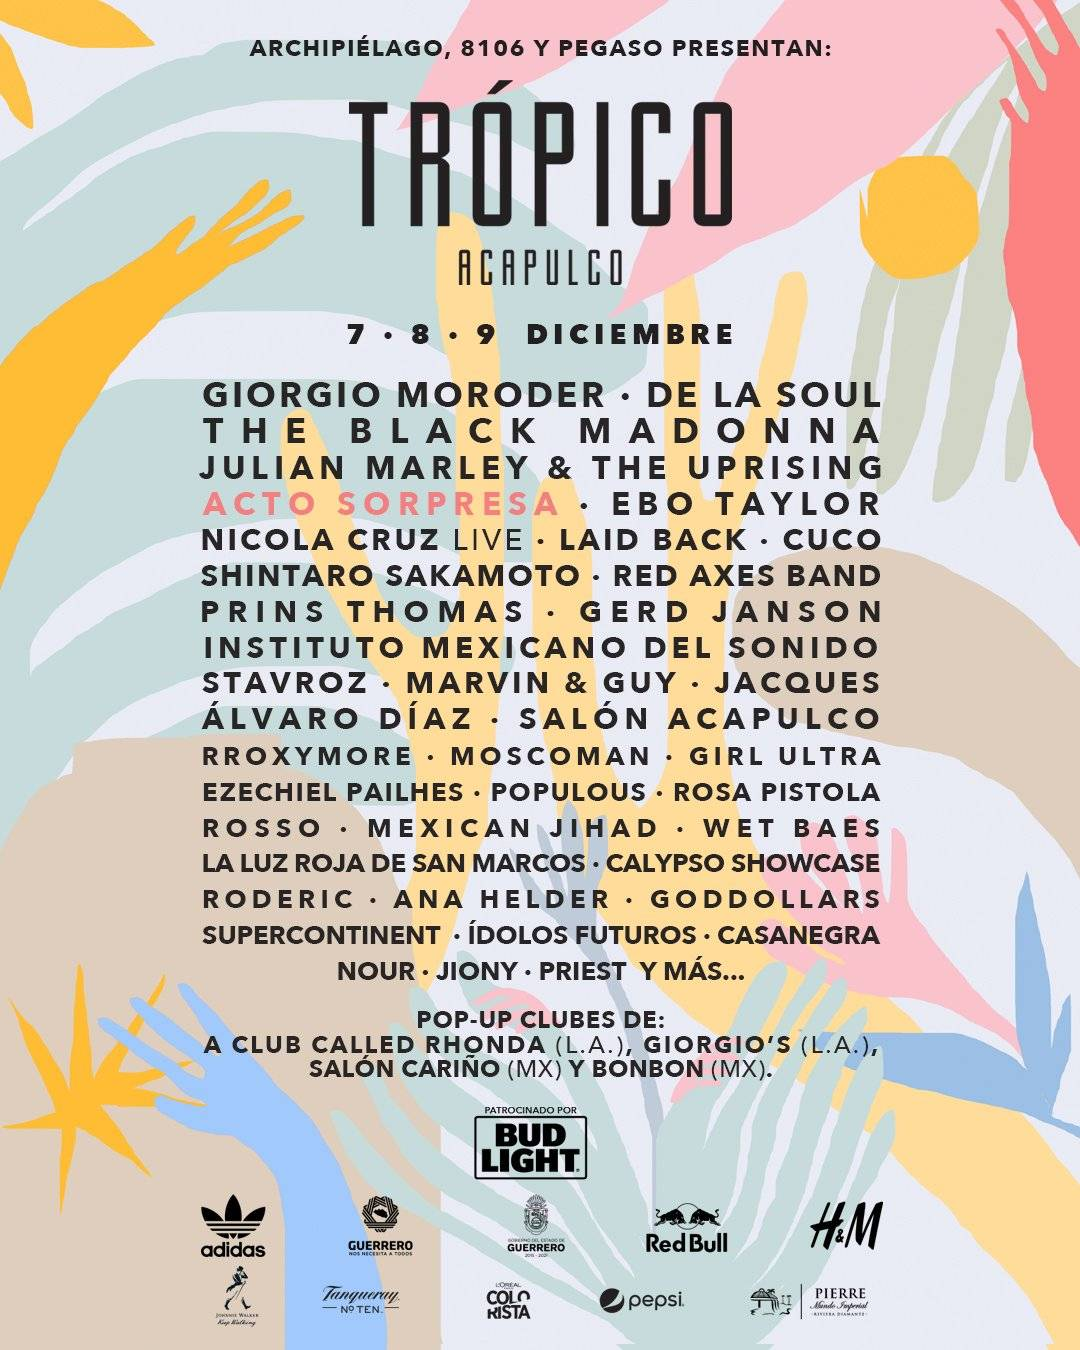 Festival Trópico 2018, se realizará el 7, 8 y 9 de diciembre